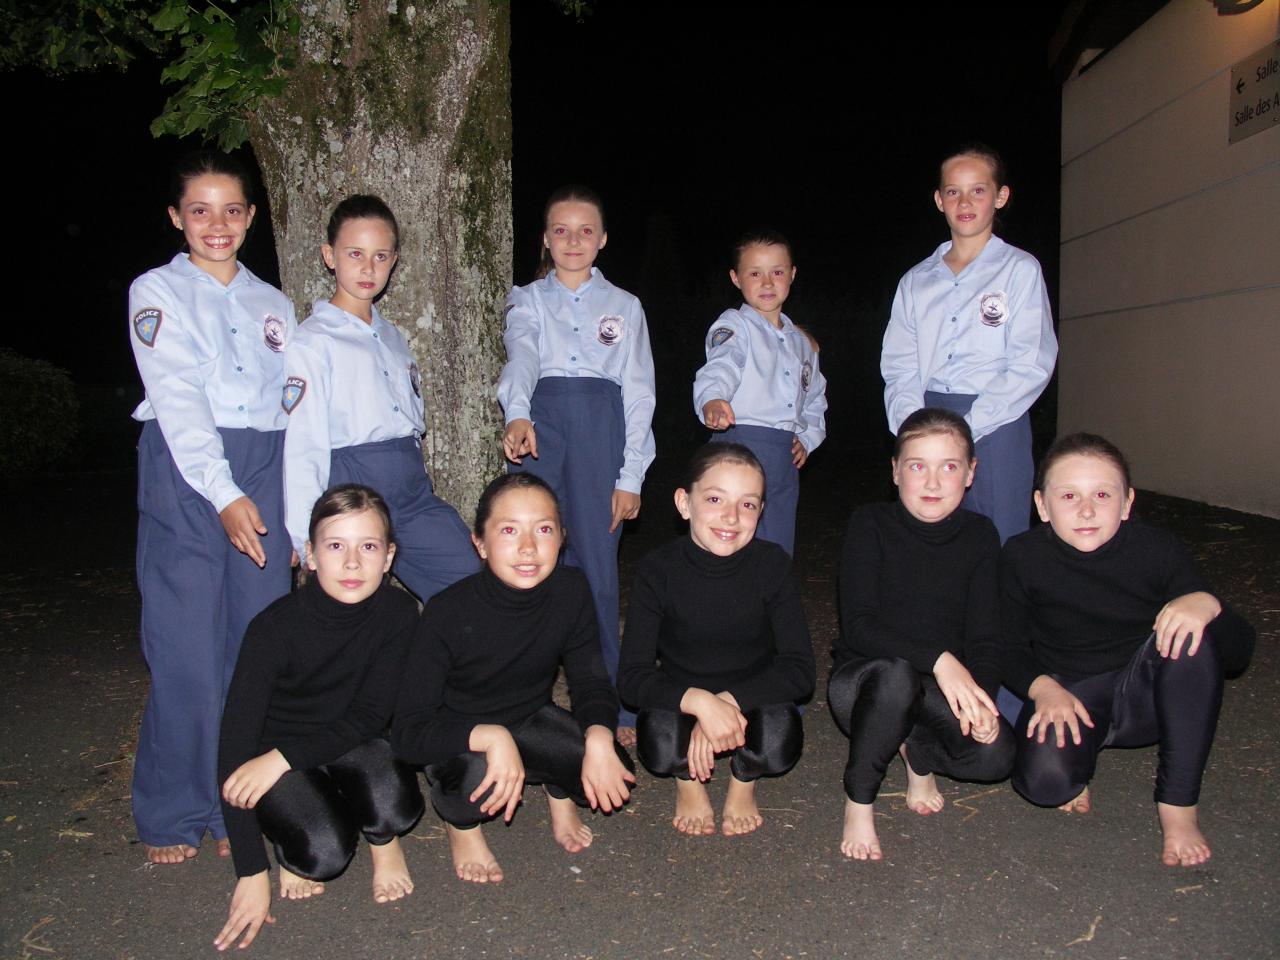 Ensembles chemise policier et pantalon bleu marines (x5 + 1 en 14 ans) - 8/10 ans